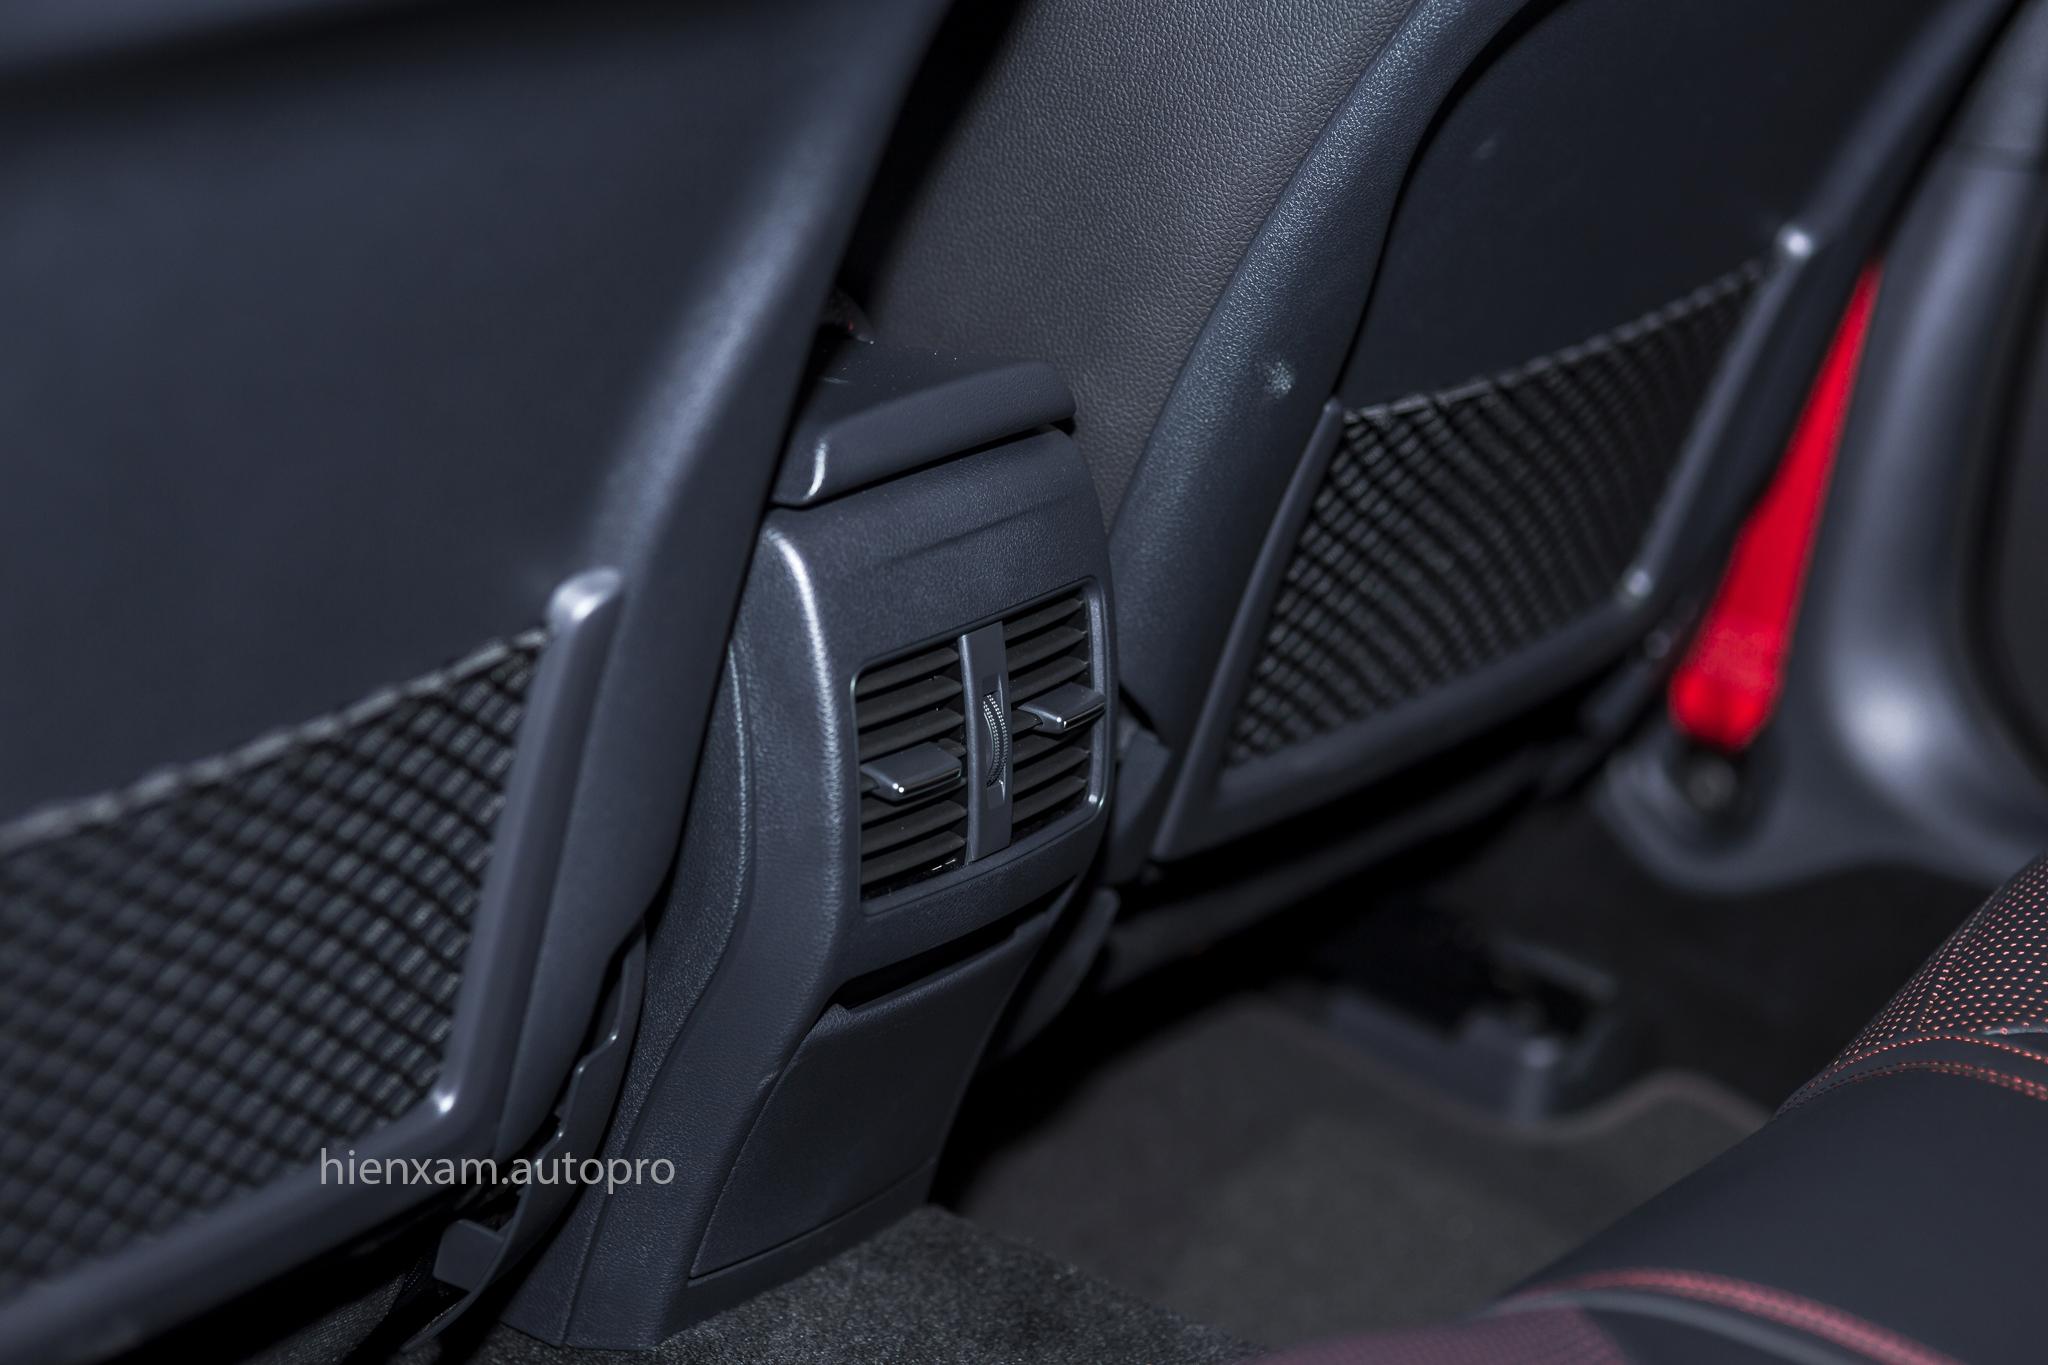 Cận cảnh Mercedes-Benz GLA 45 AMG giá 2,279 tỉ đồng - Ảnh 12.